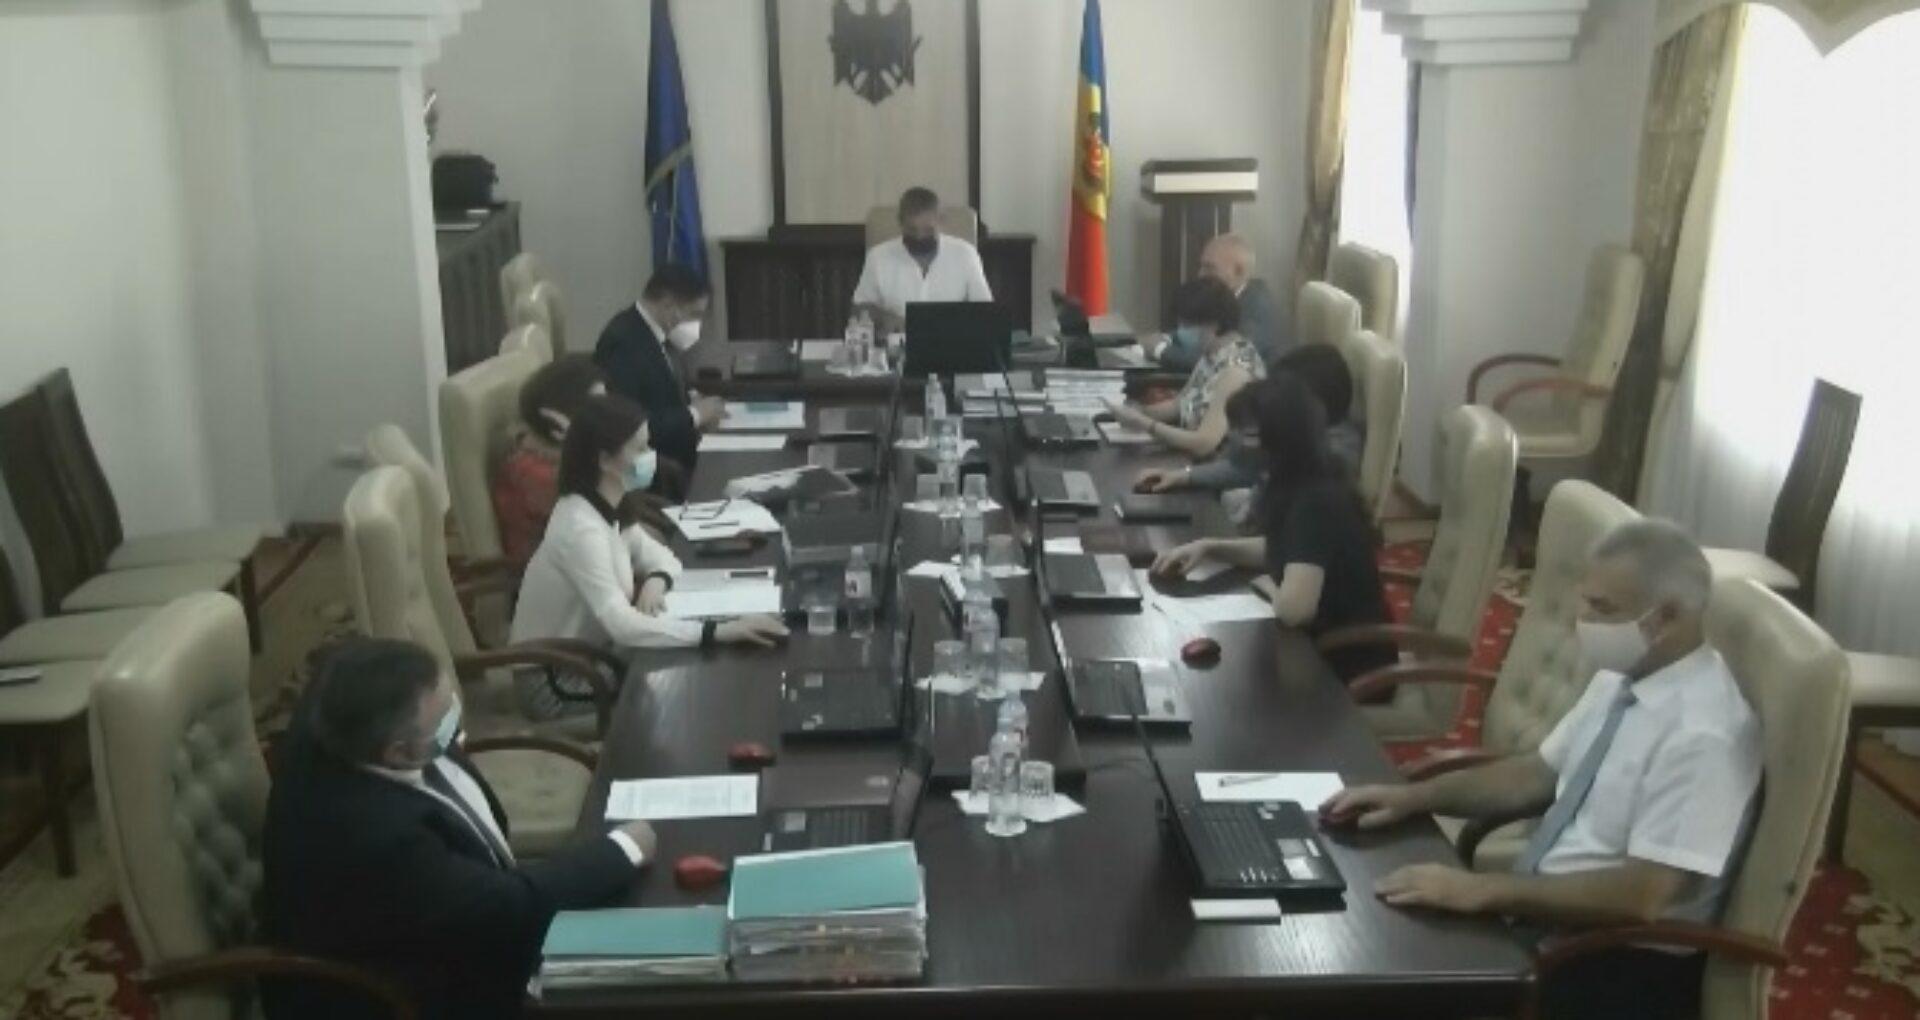 Video/ Membrii CSM în ședință: pe agendă – 18 subiecte